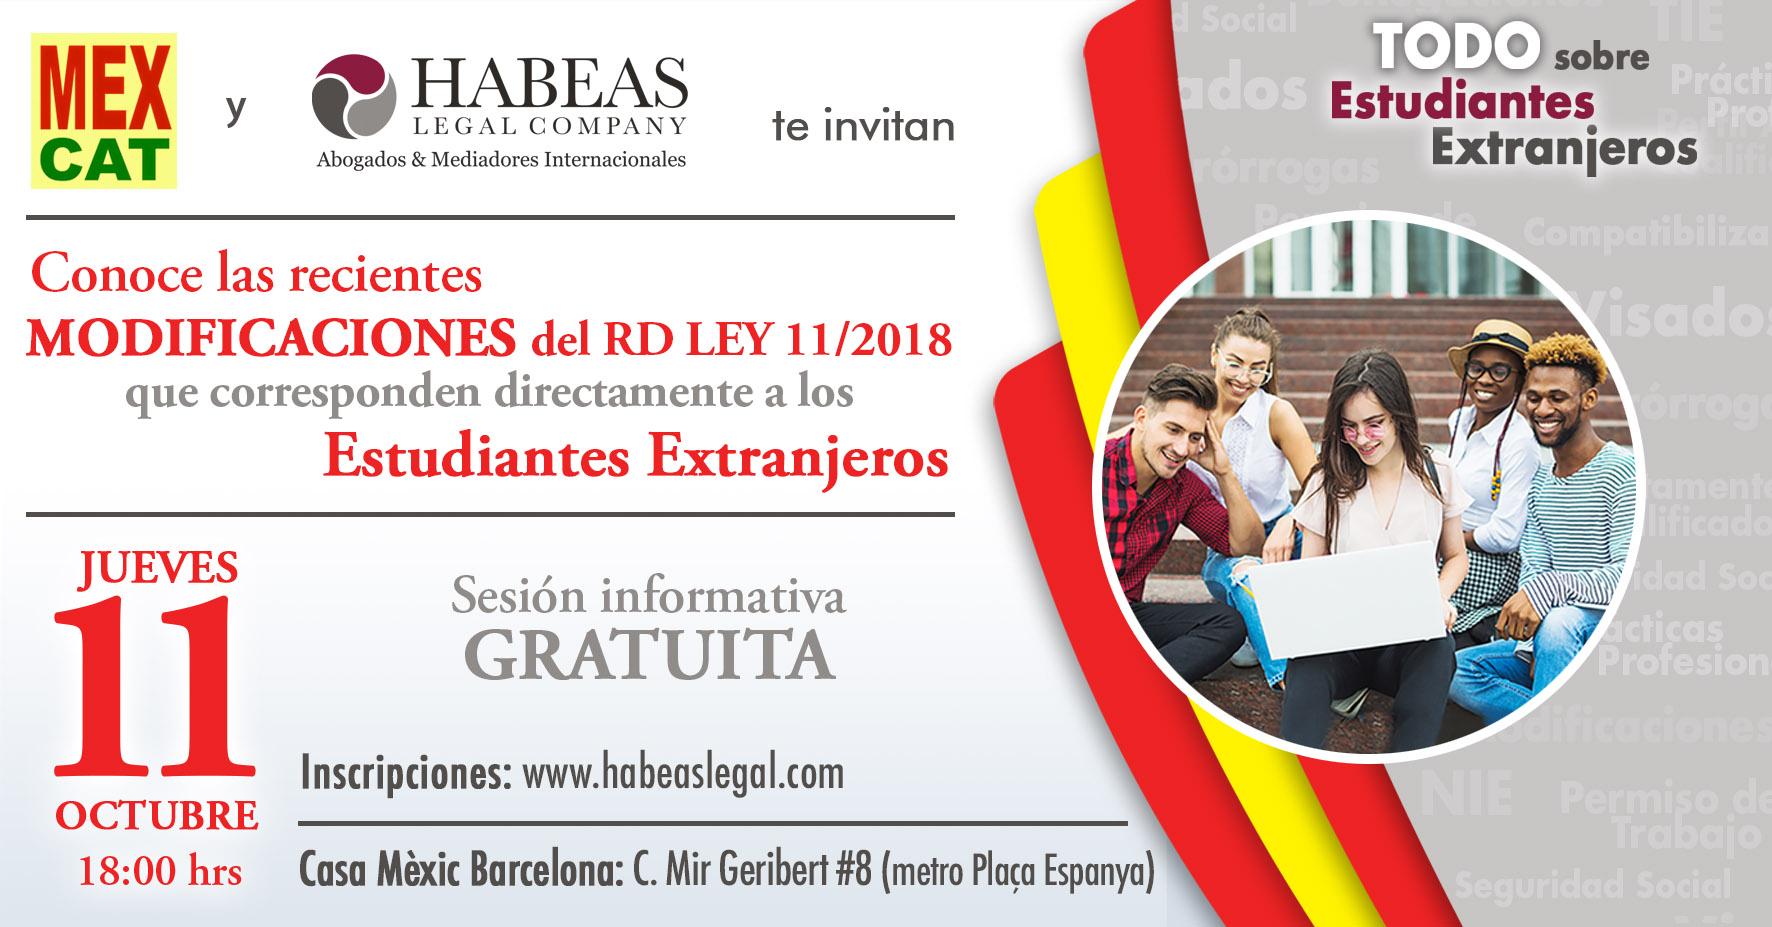 """Evento Modificaciones Habeas - """"Los Estudiantes Extranjeros y las Modificaciones del RD LEY 11/2018""""; sesión informativa gratuita"""